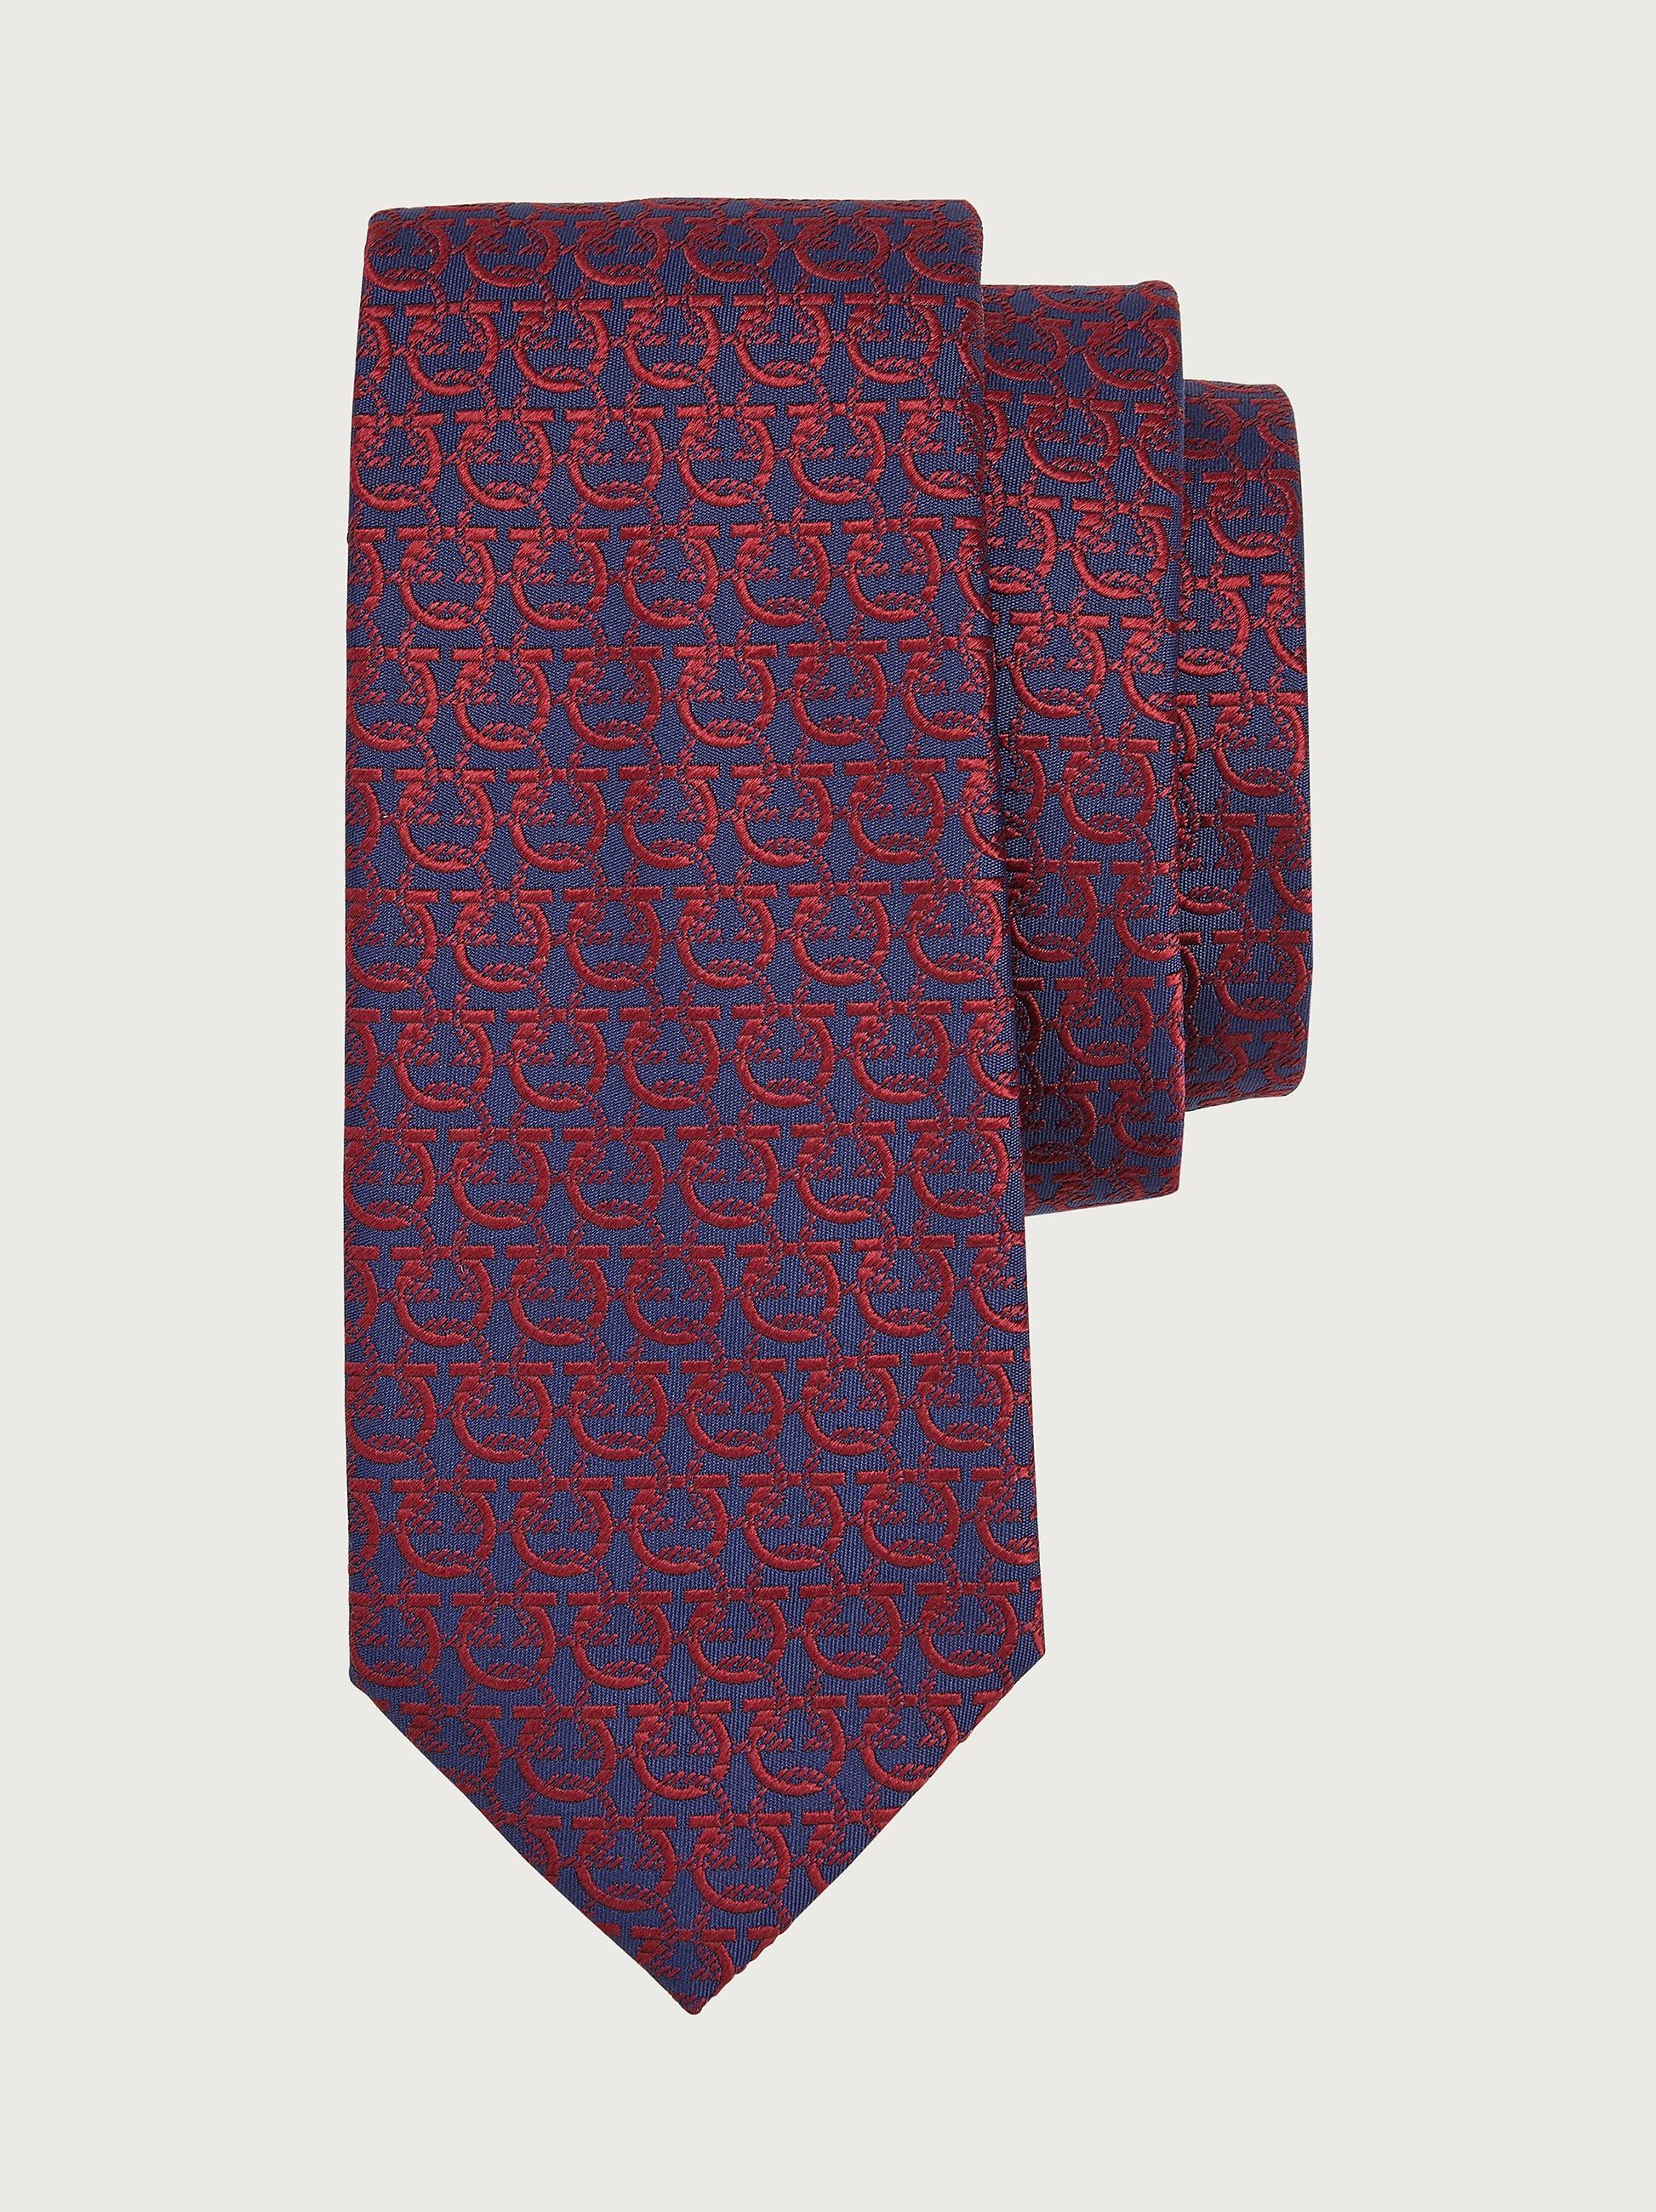 FERRACCI Men\u2019s 100/% Silk Jacquard Woven Abstract Designer Tie  60 X 3.5